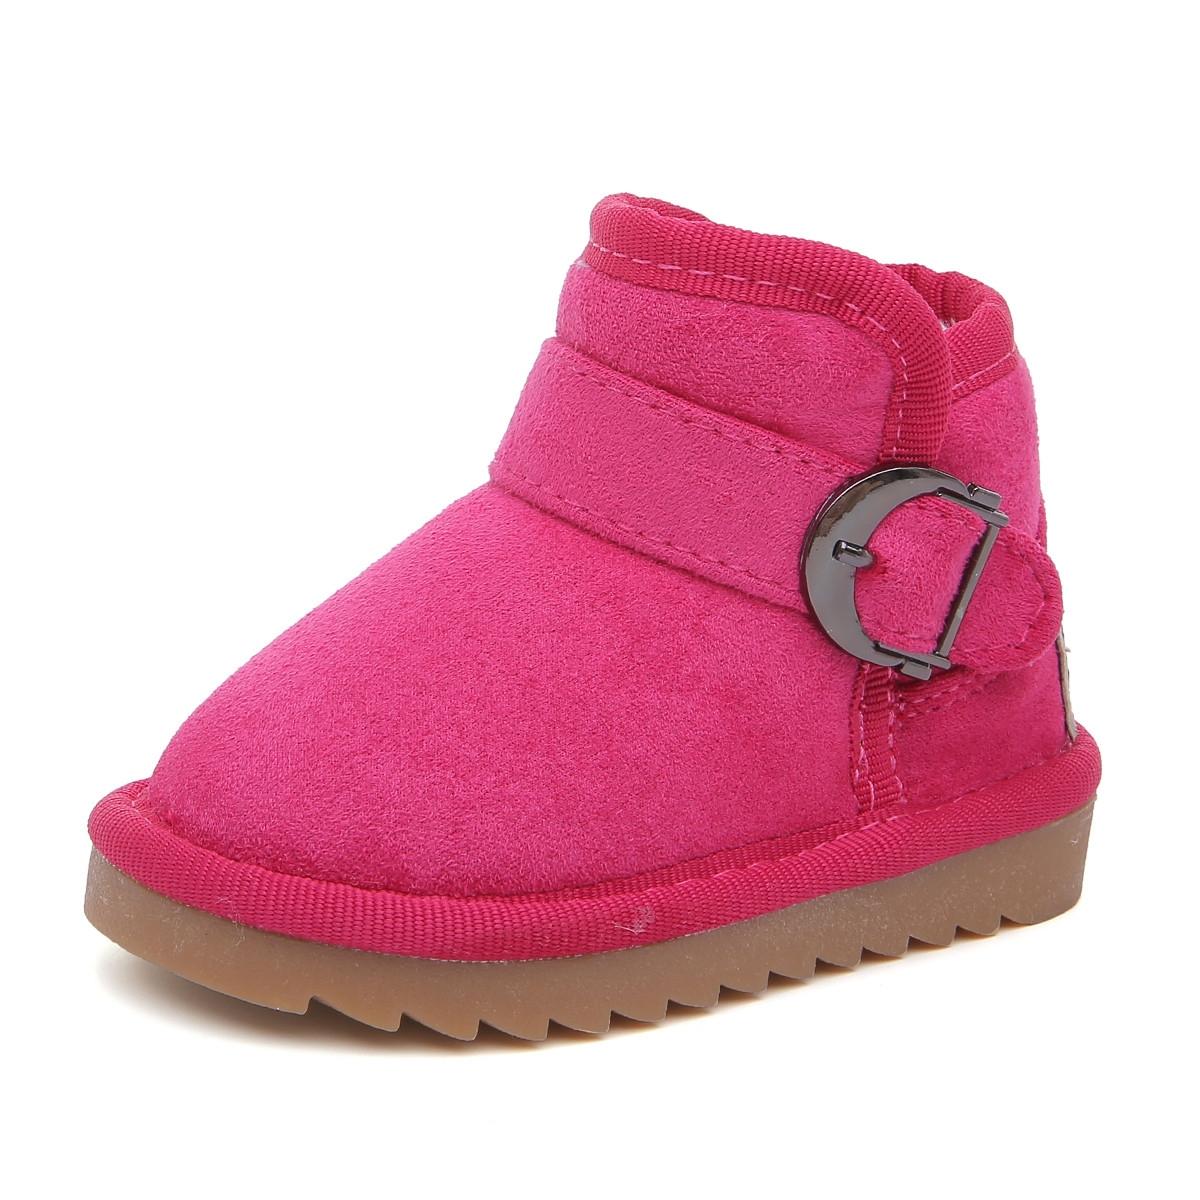 Babaya 芭芭鸭 儿童雪地靴